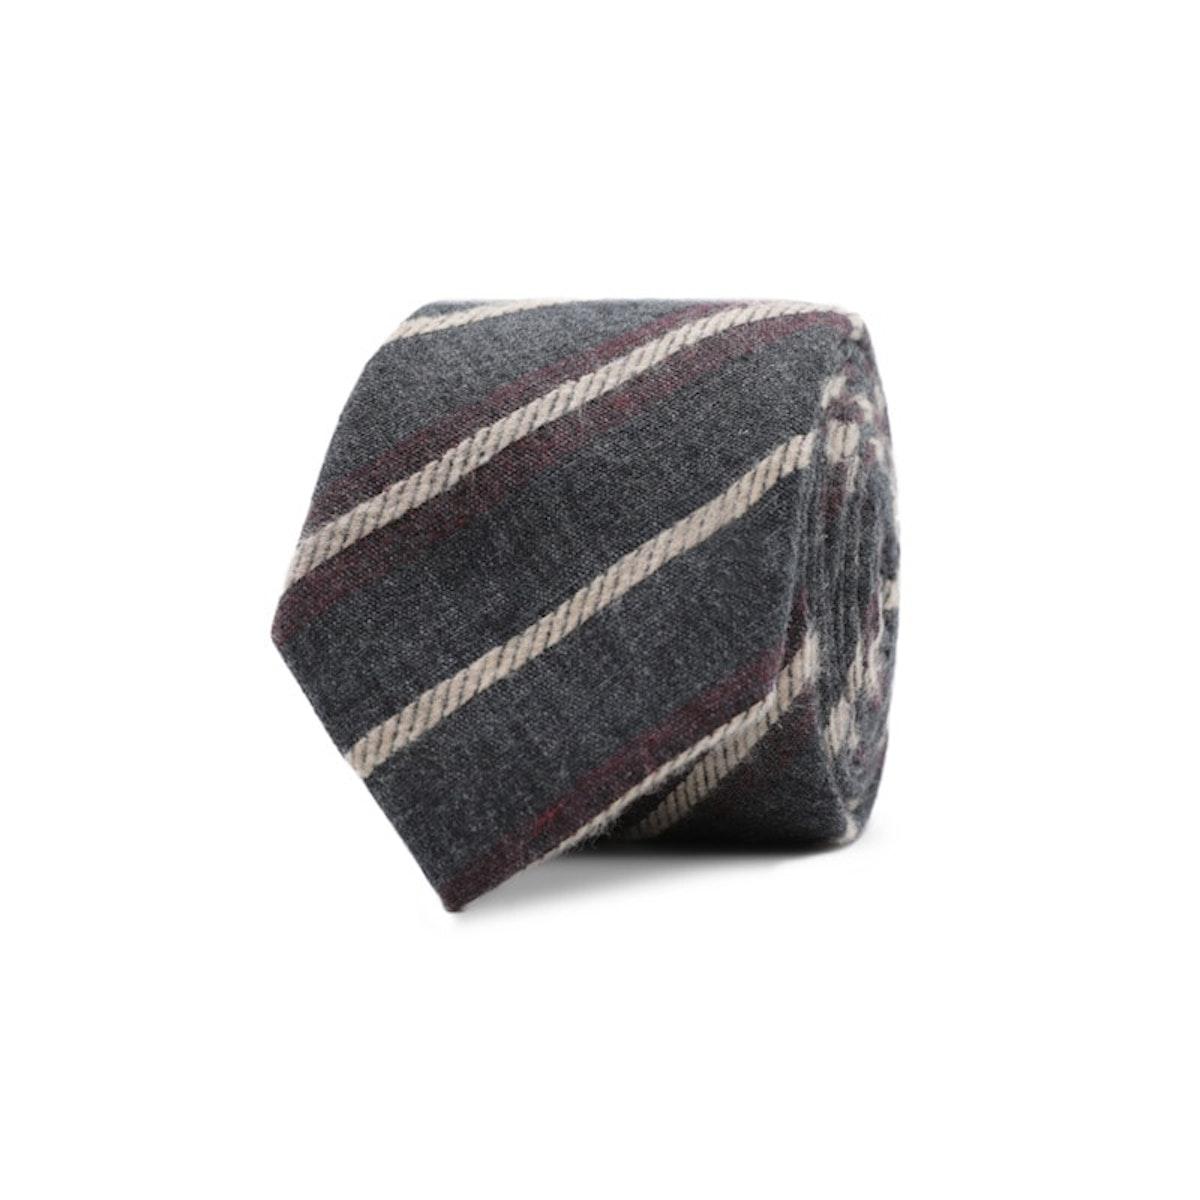 InStitchu Essentials Accessories Tie Rottnest Deep Grey, Cream and Red Striped Tie